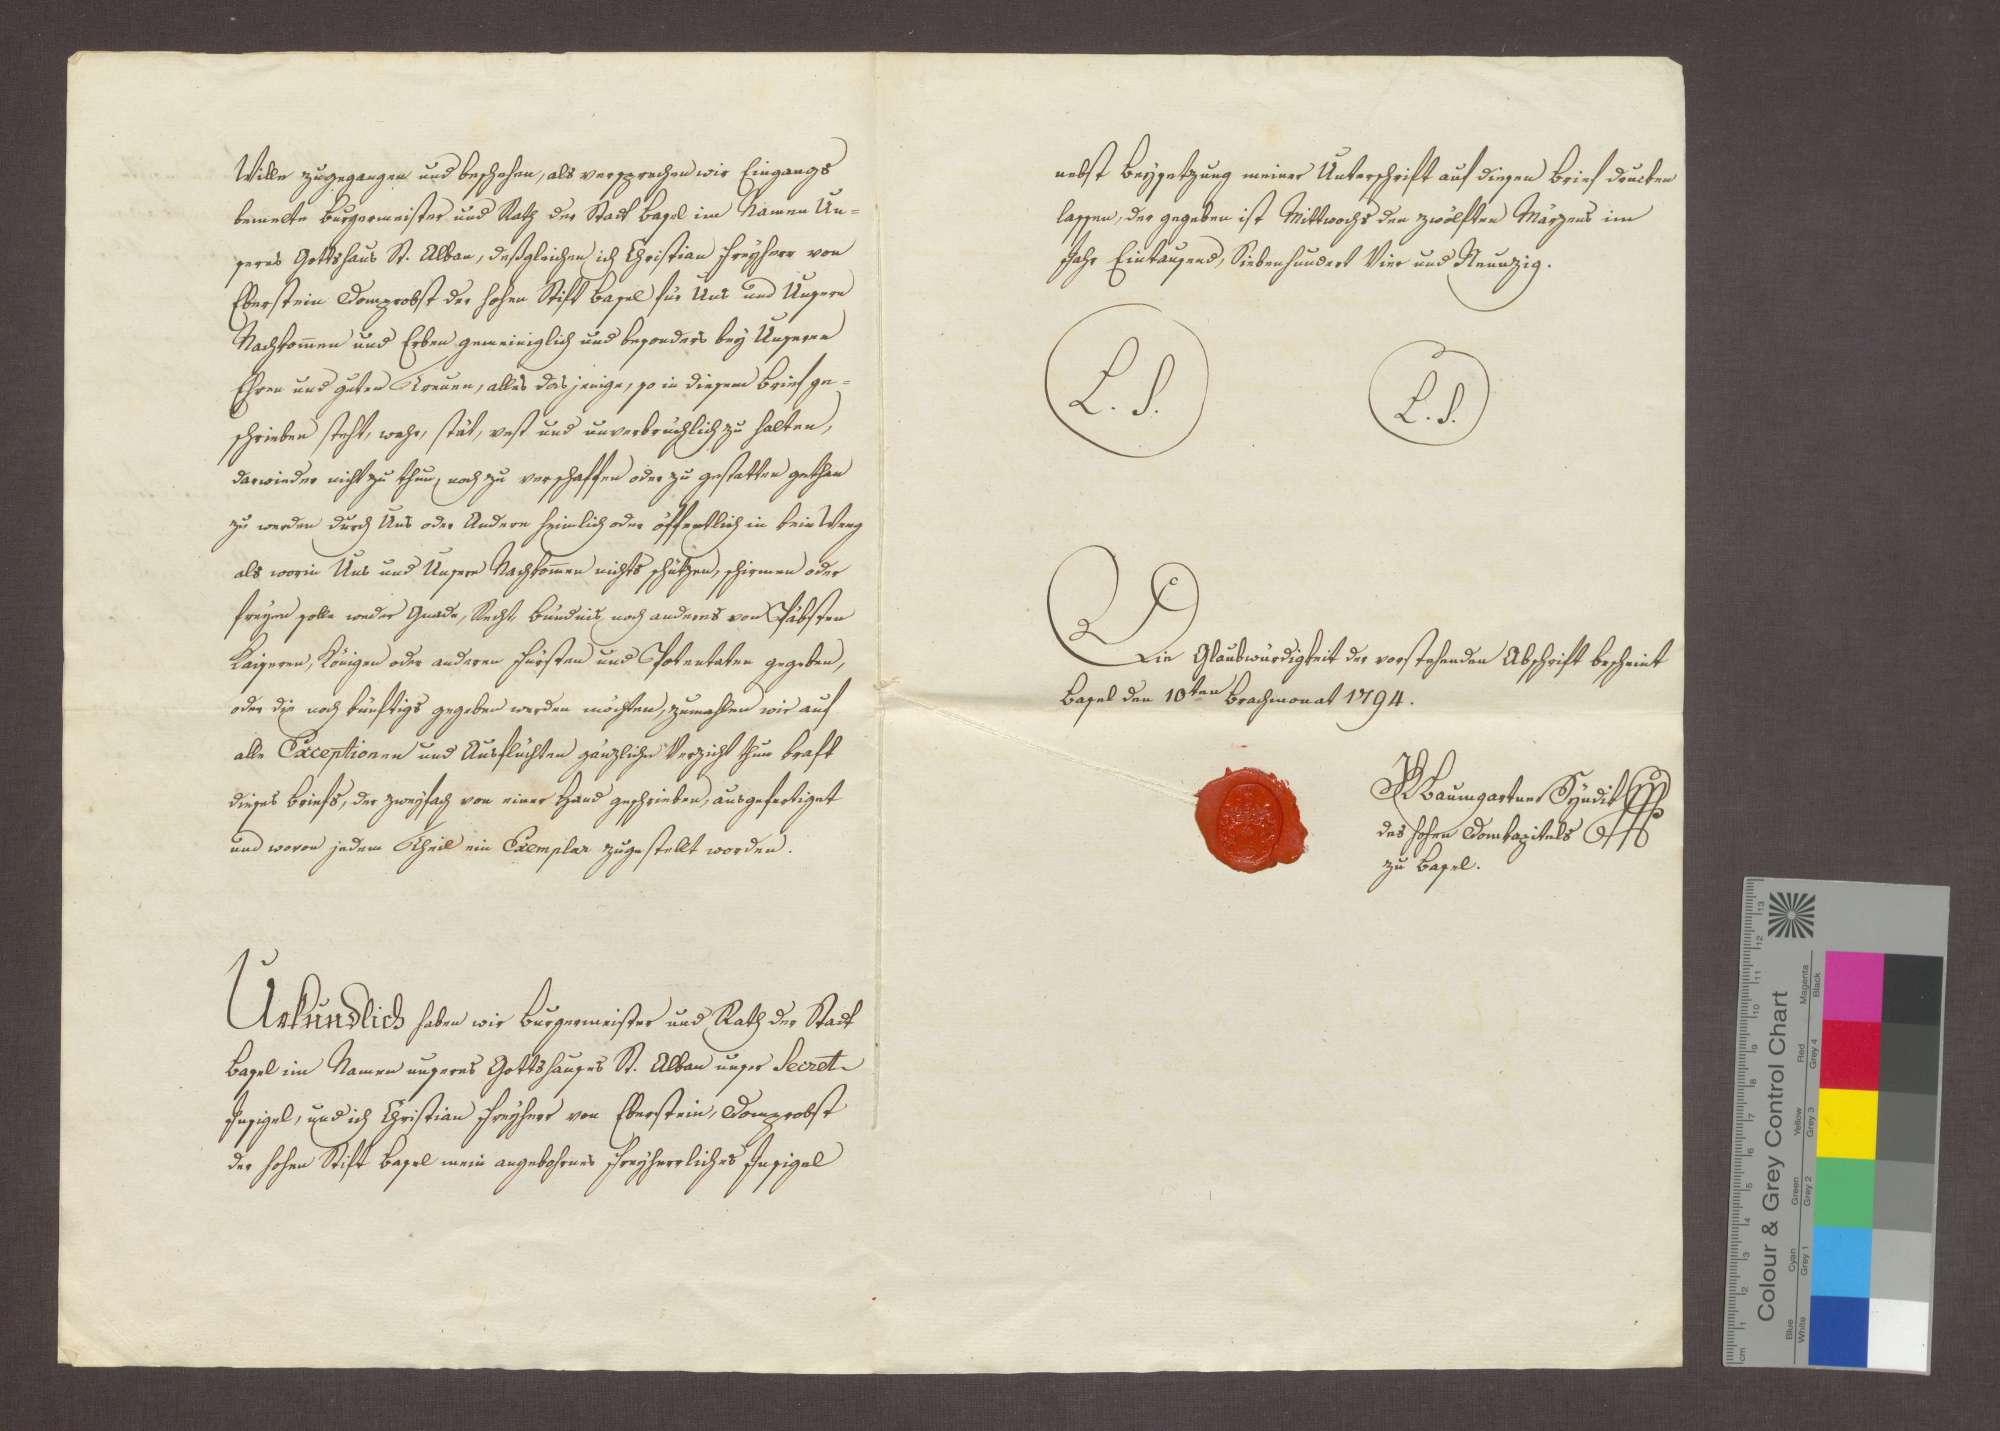 Bürgermeister und Rat zu Basel übertragen dem Freiherrn Christian von Eberstein die Propstei zu Istein., Bild 3